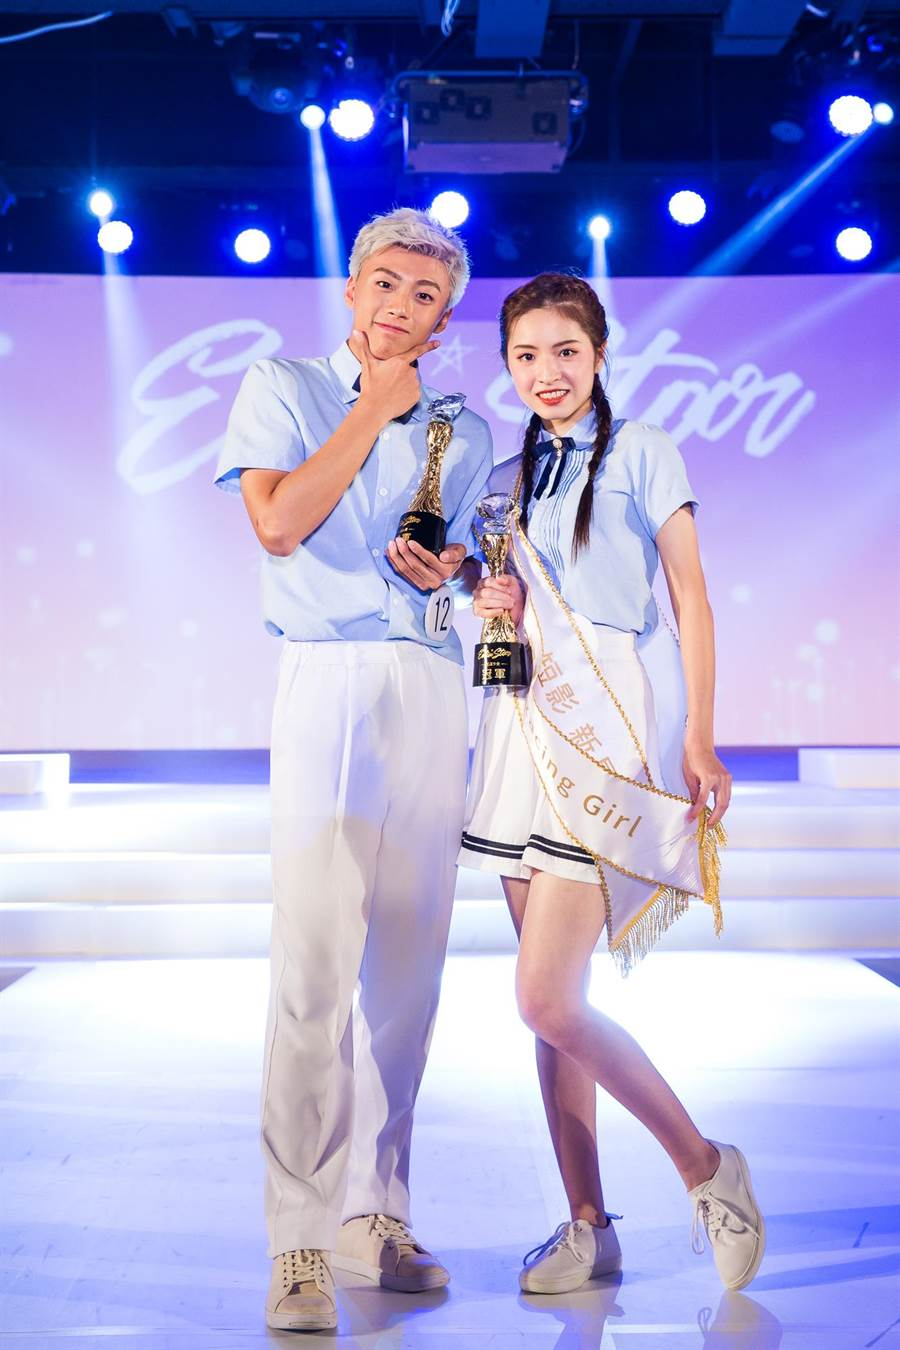 冠軍花漾少男組冠軍黃文廷(左)、少女組軍許婷汝合照。(伊林娛樂提供)